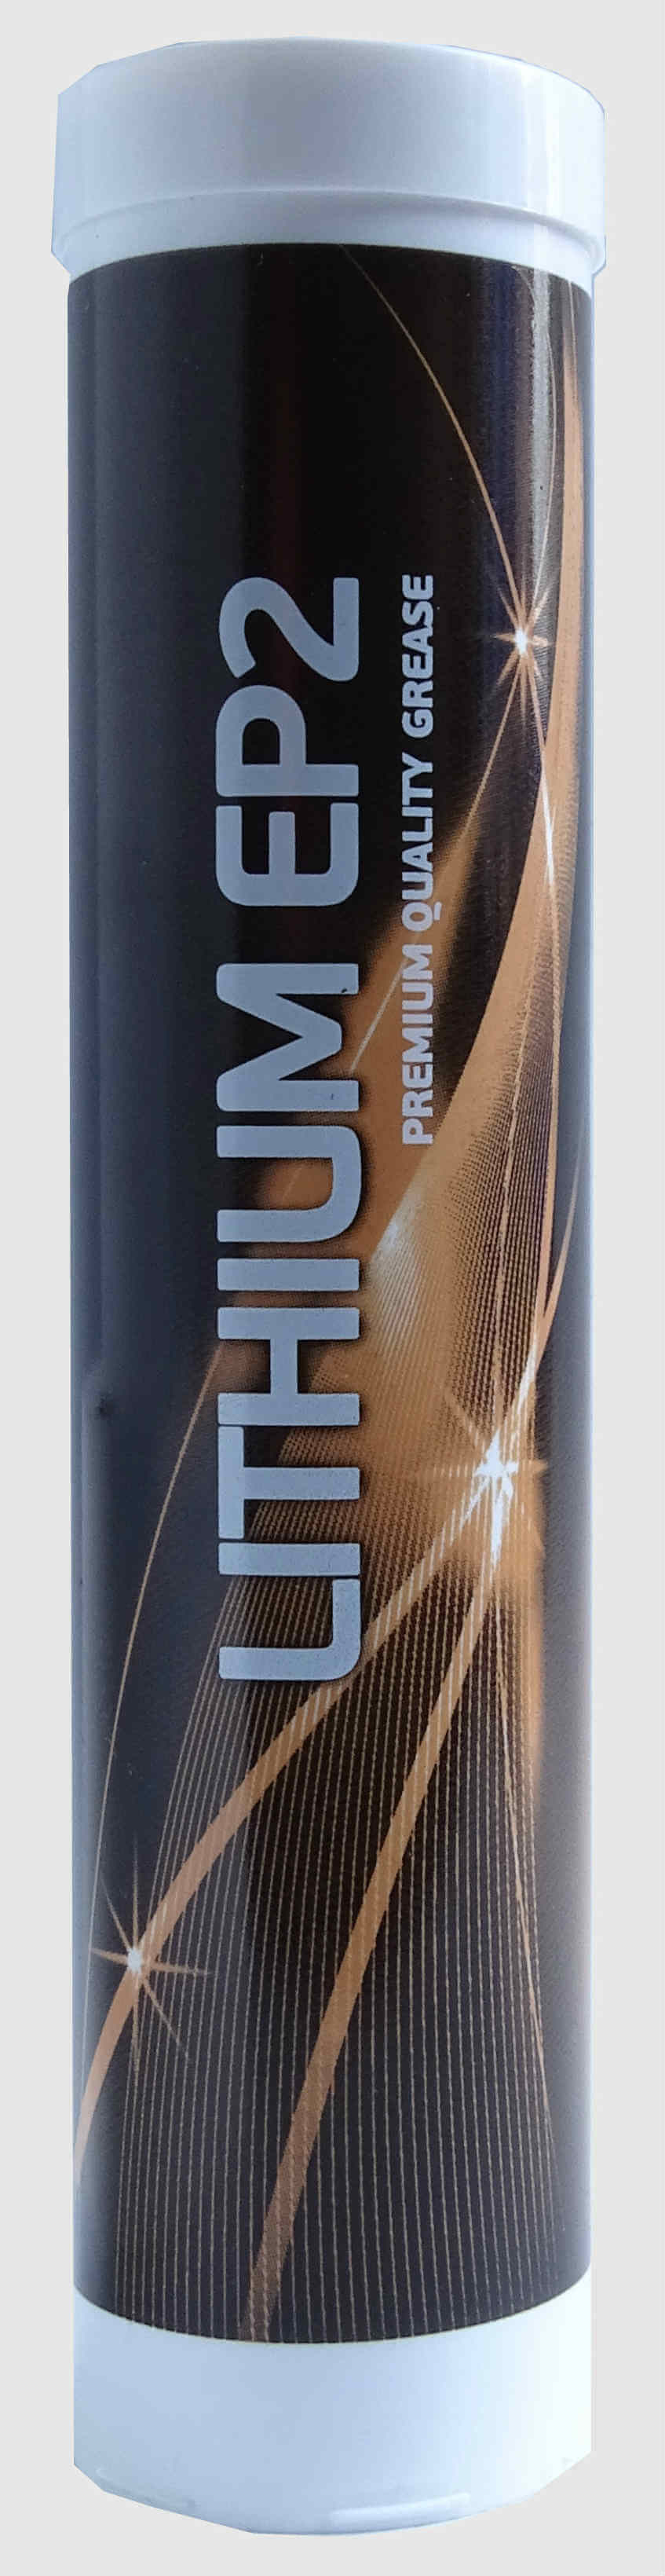 Lithium EP2